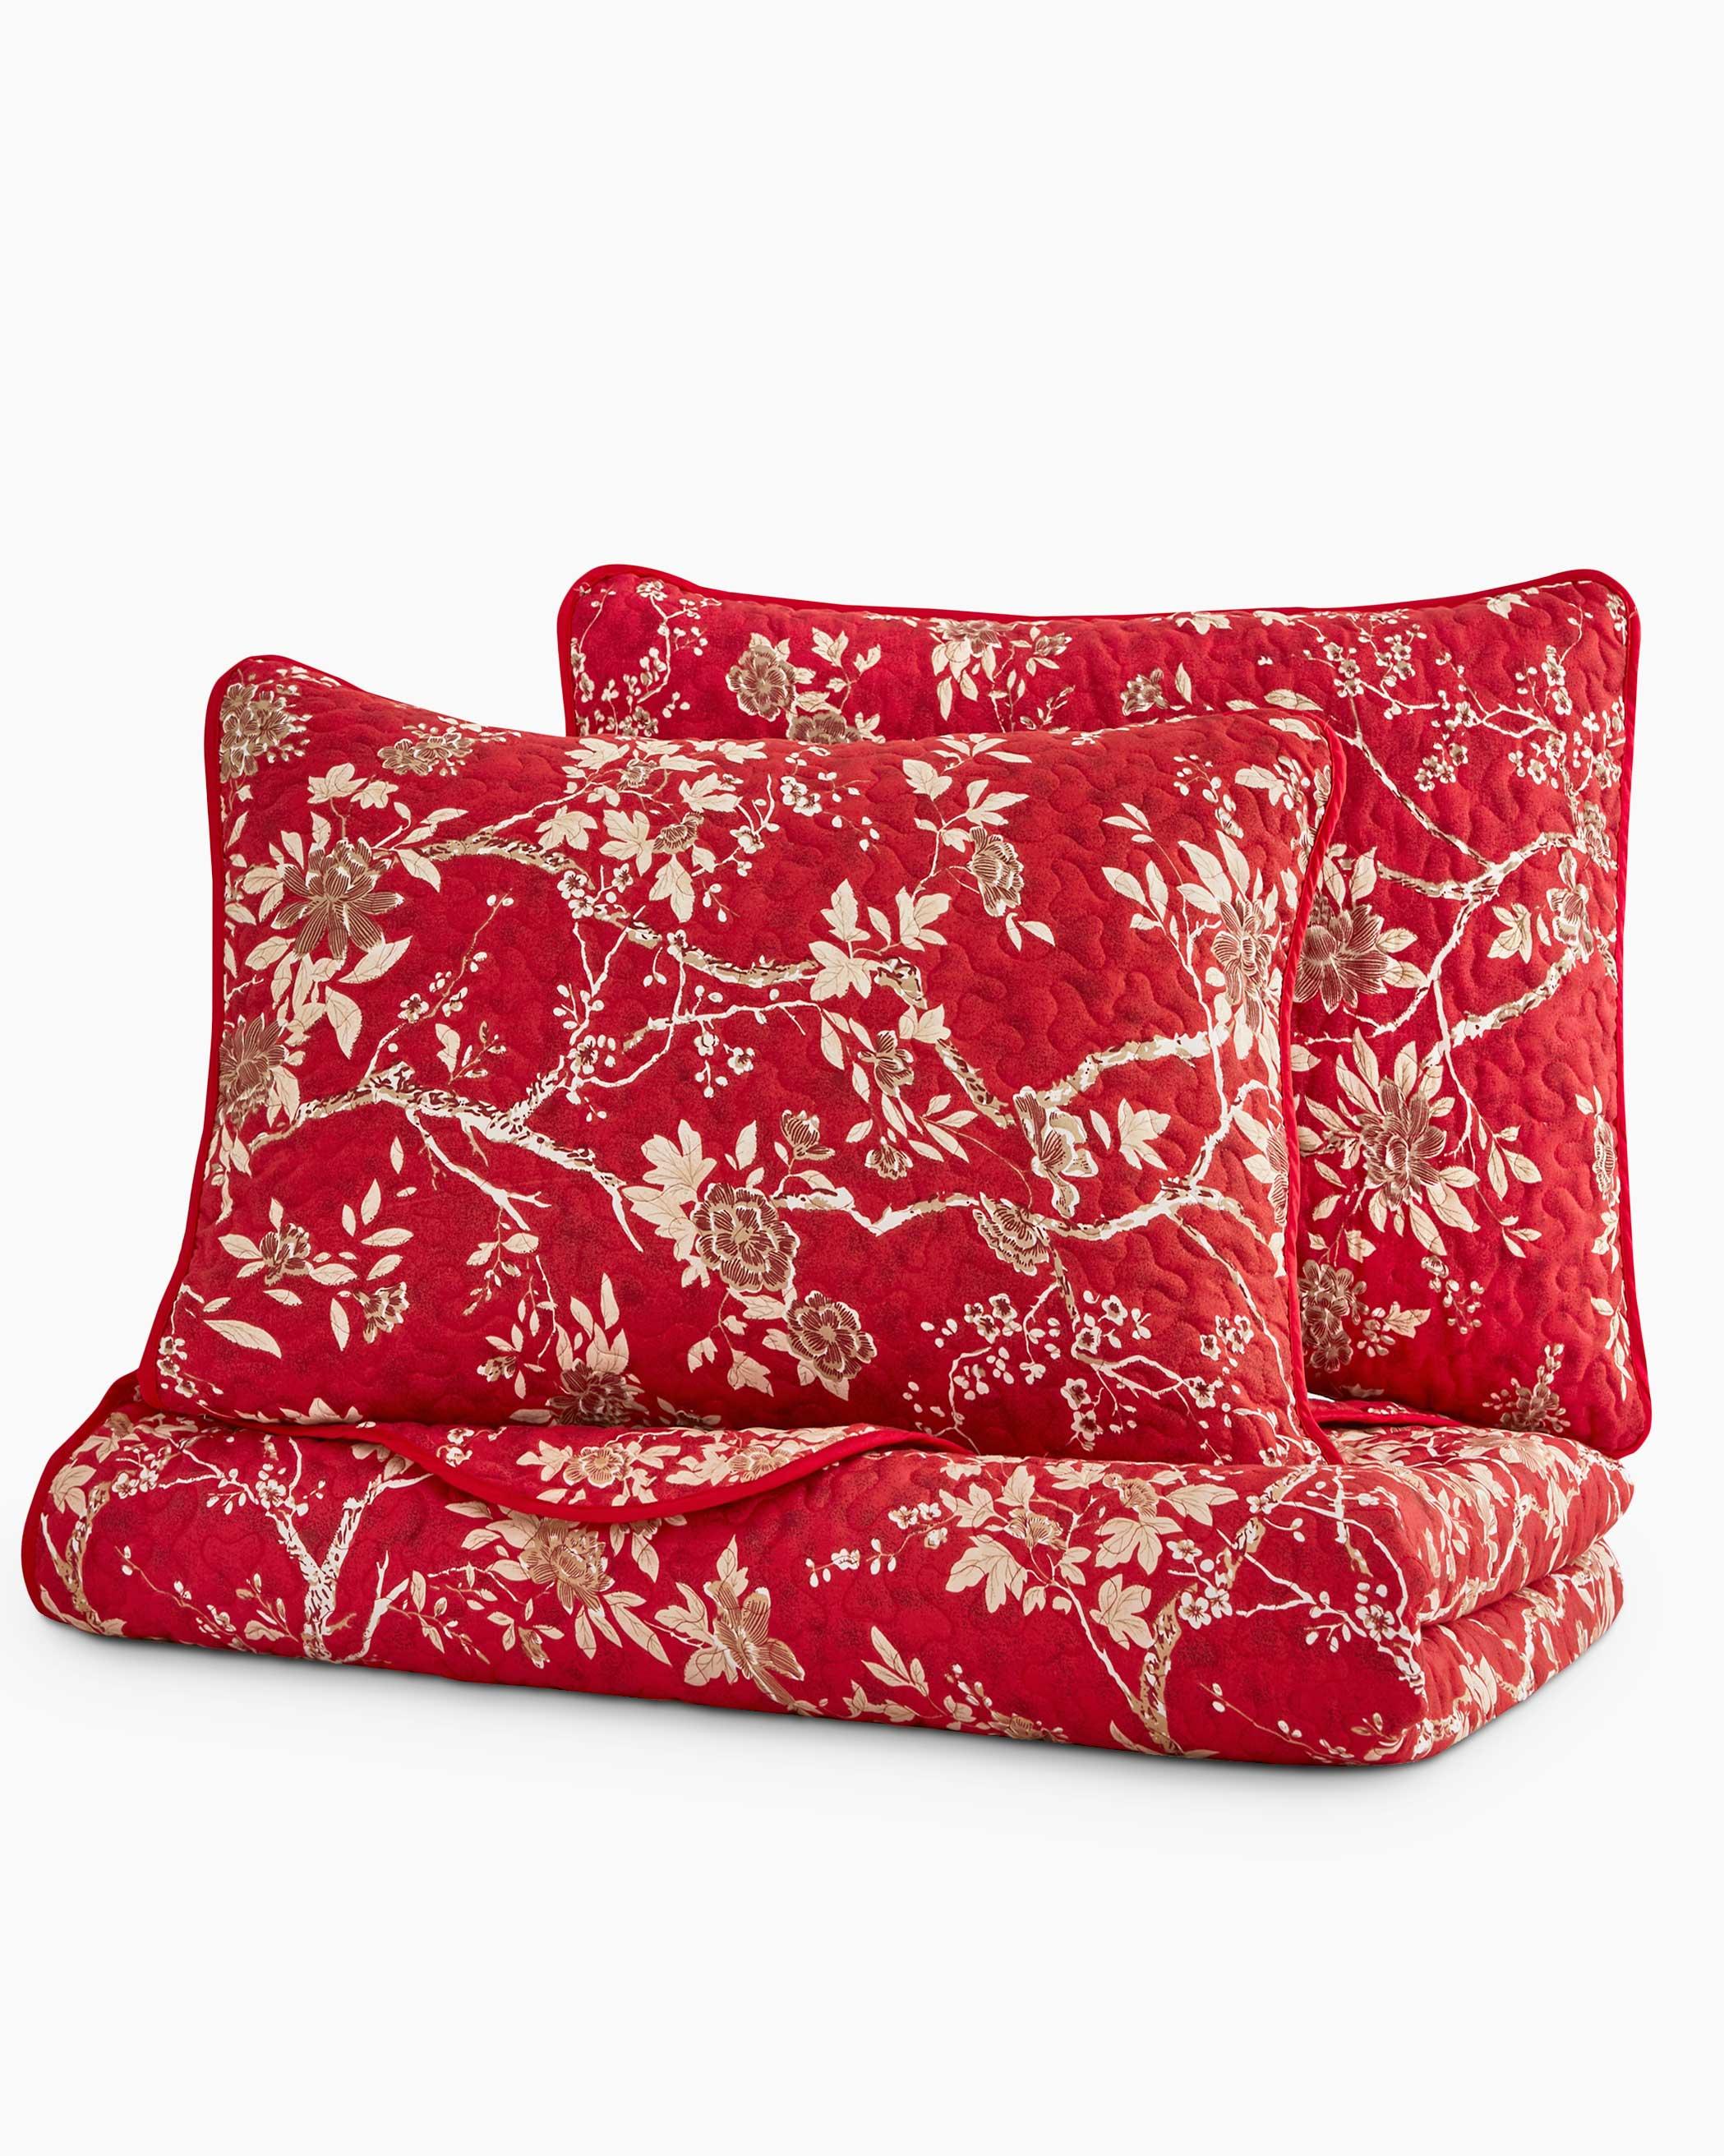 Red Floral Microfiber Quilt Set